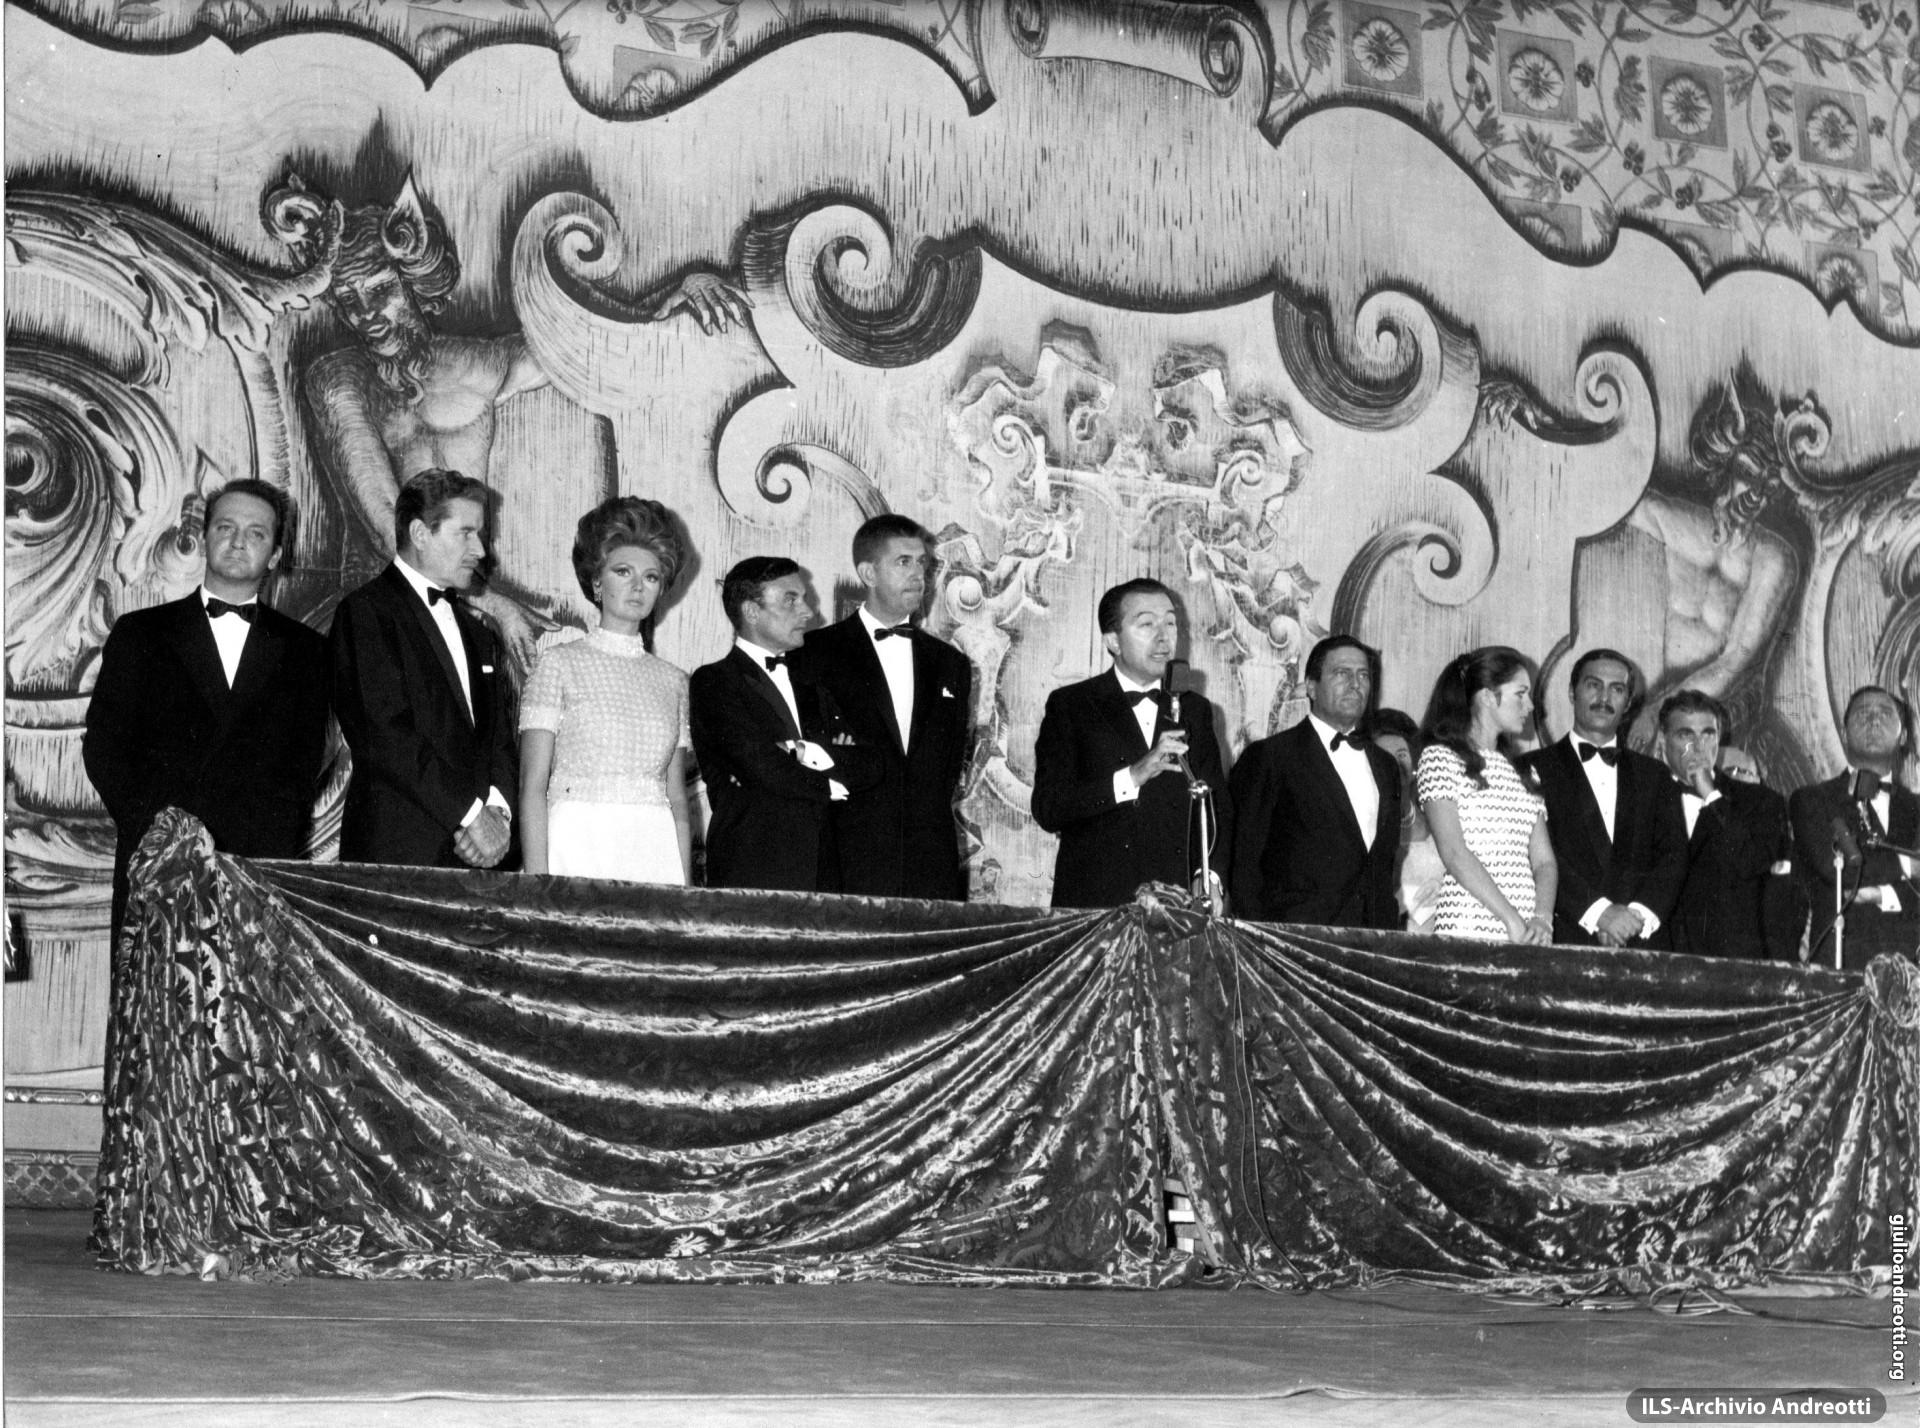 Affiancato da grandi protagonisti del cinema italiano, Andreotti parla dal palco reale del Teatro San Carlo di Napoli alla conclusione delle Giornate del Cinema di Sorrento. E' il 30 settembre 1968.